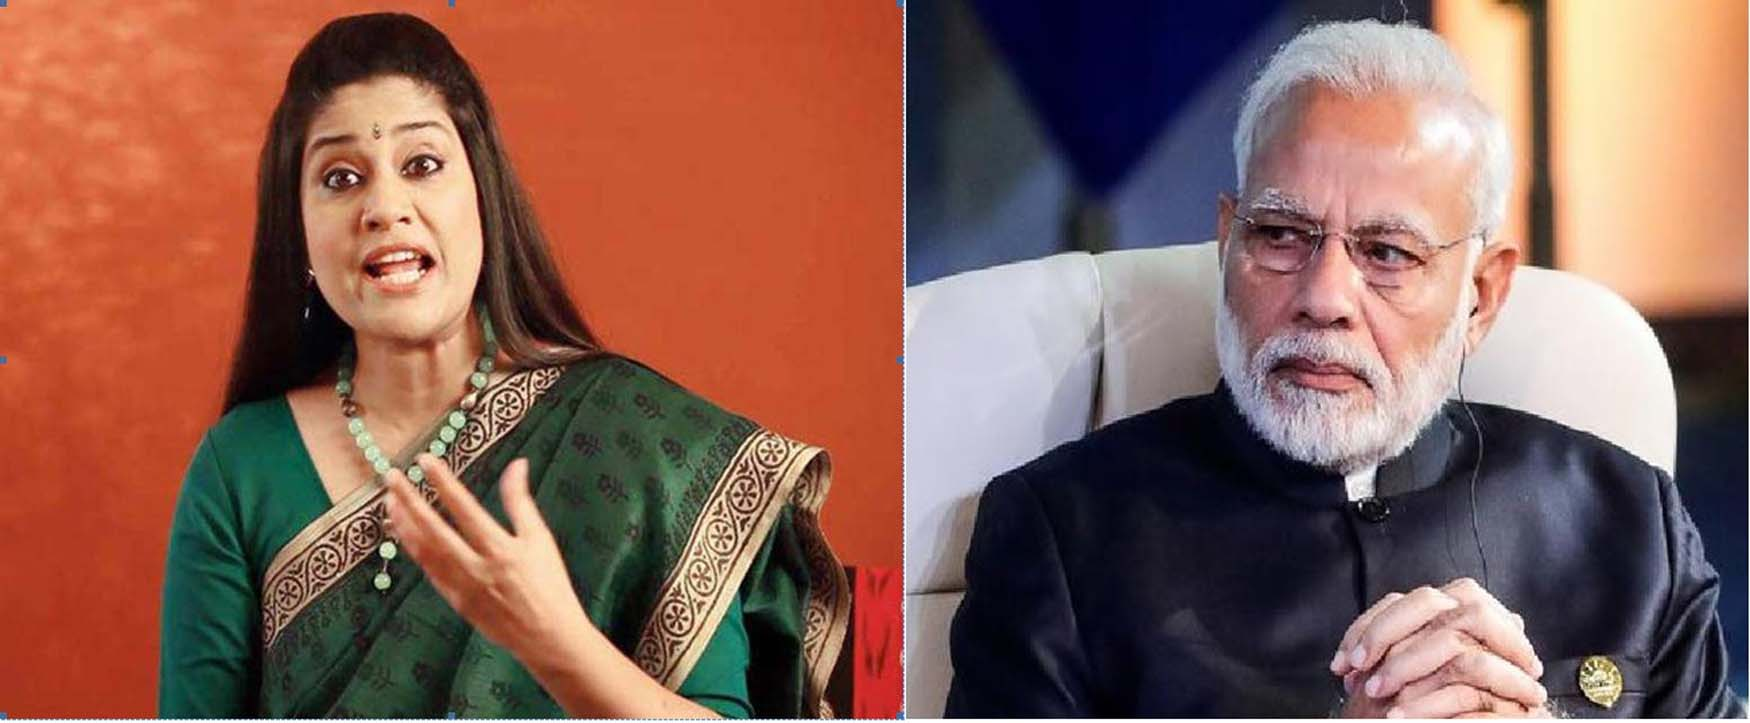 """पी.एम. मोदी के टवीट के जवाब में रेणुका शहाणे ने टवीट कर कहा """"रियल 'टुकडे टुकड़े गैंग भाजपा का आईटी सेल है।"""""""